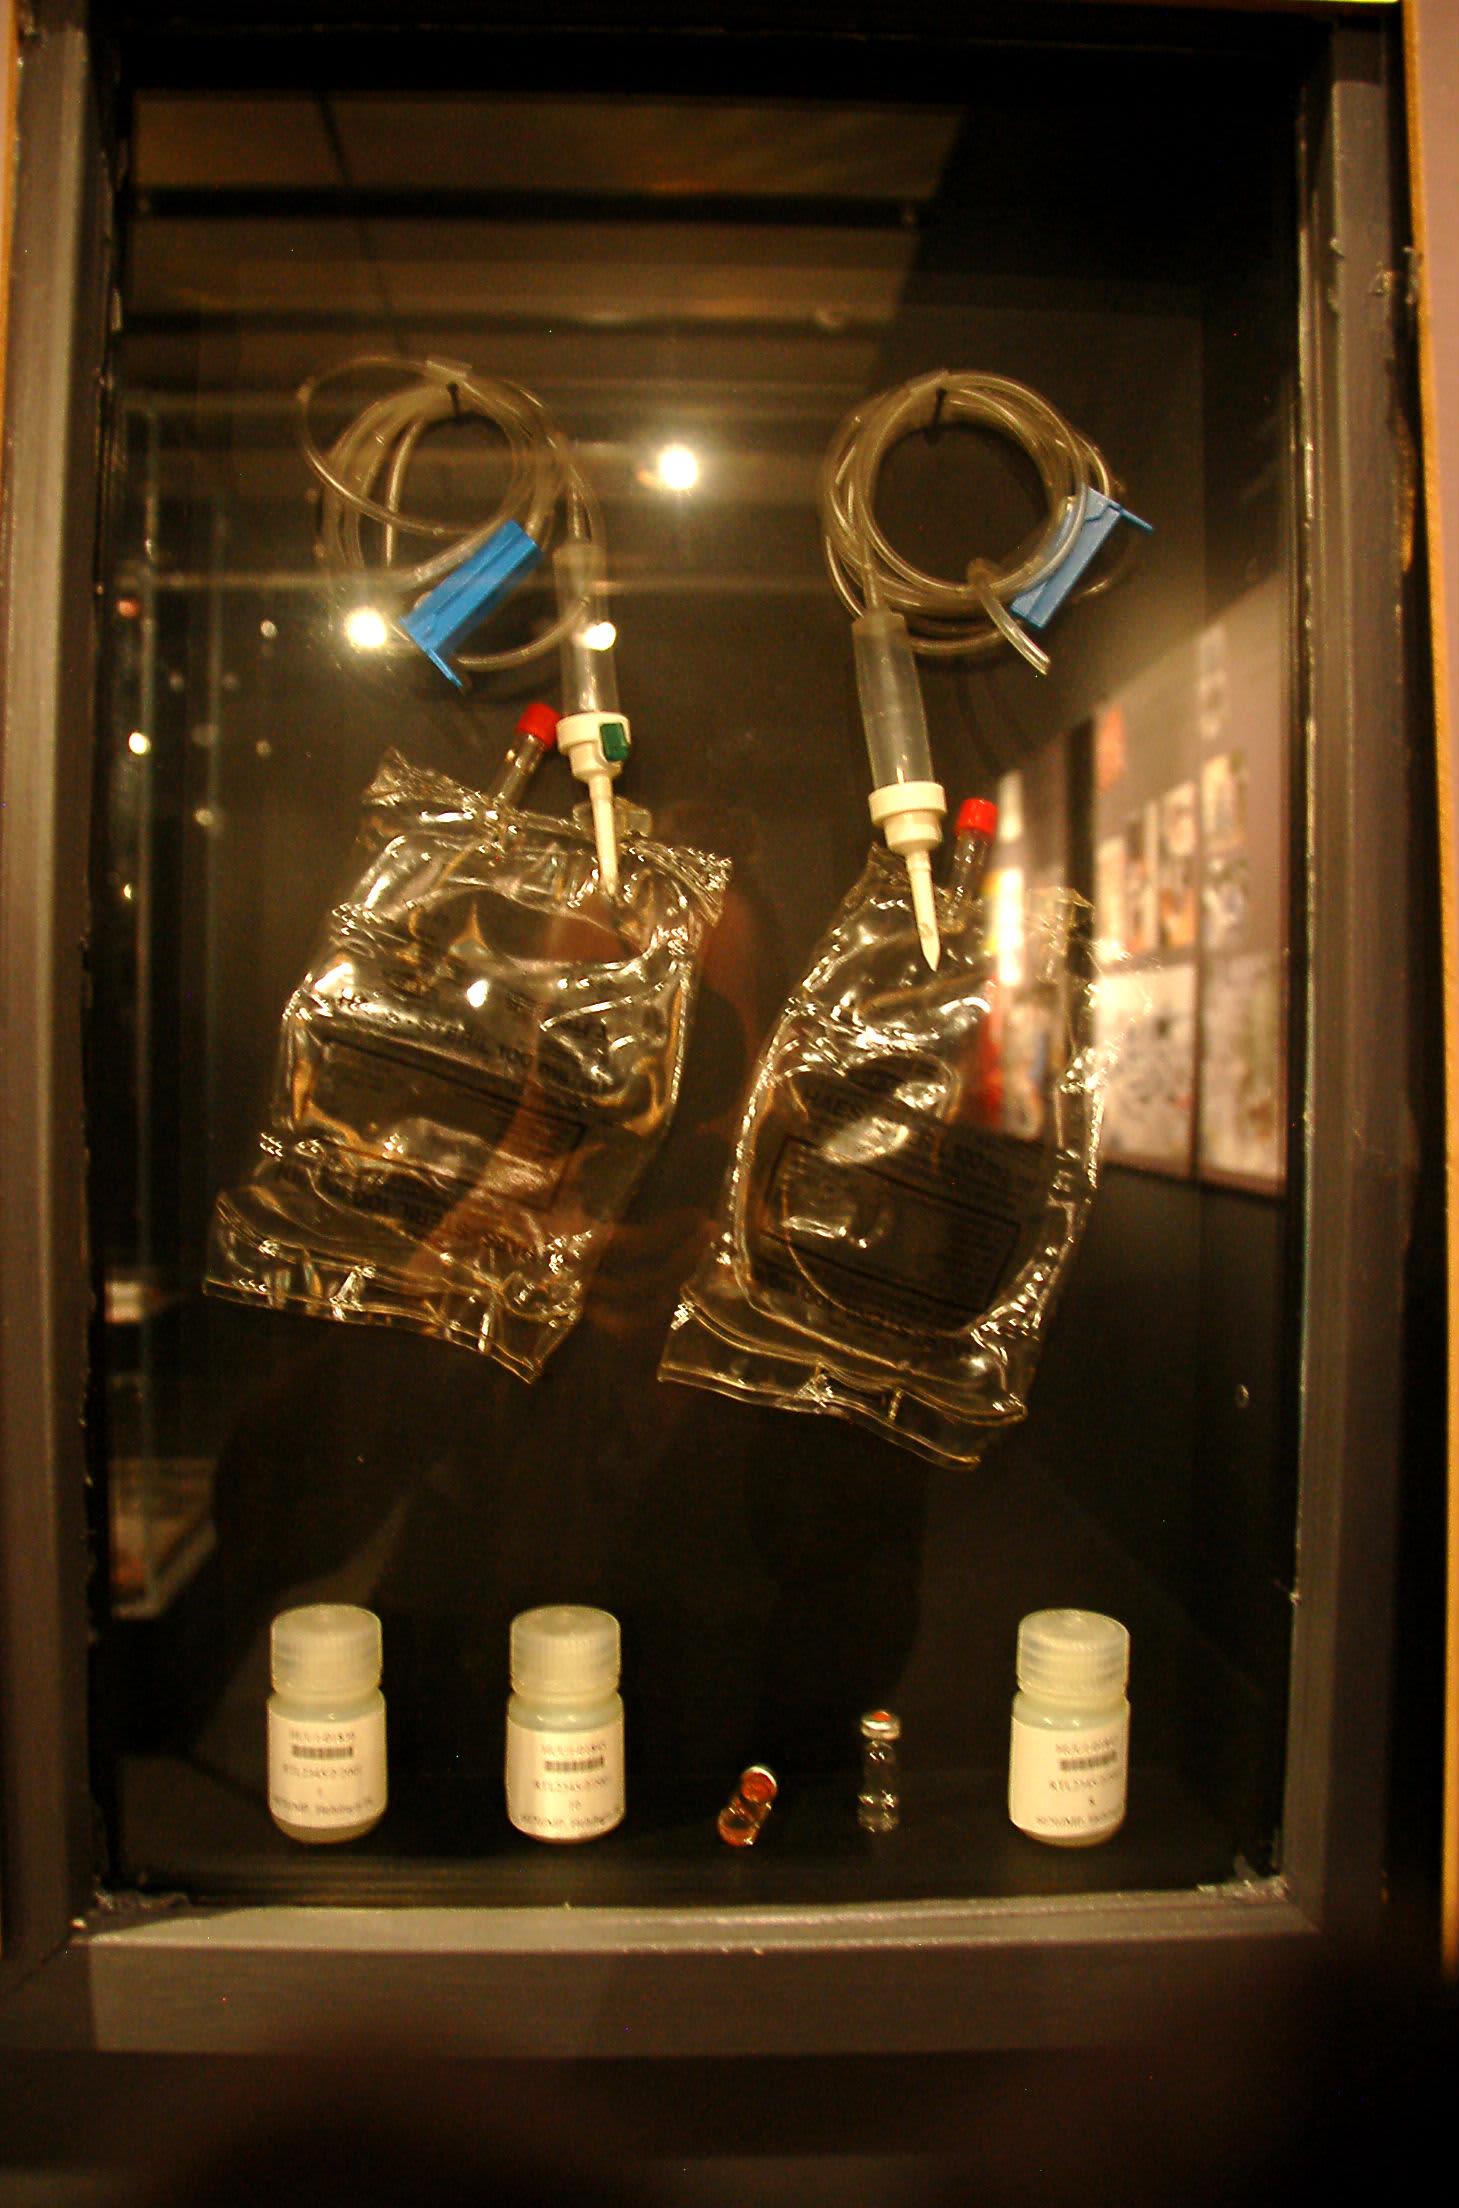 Ala-Tikkurilan Shelliltä löytyneet Lahden MM-hiihdoissa käytetyt hemohes-pussit päätyivät krp:n rikosmuseoon, vain noin kilometrin päähän löytöpaikastaan.